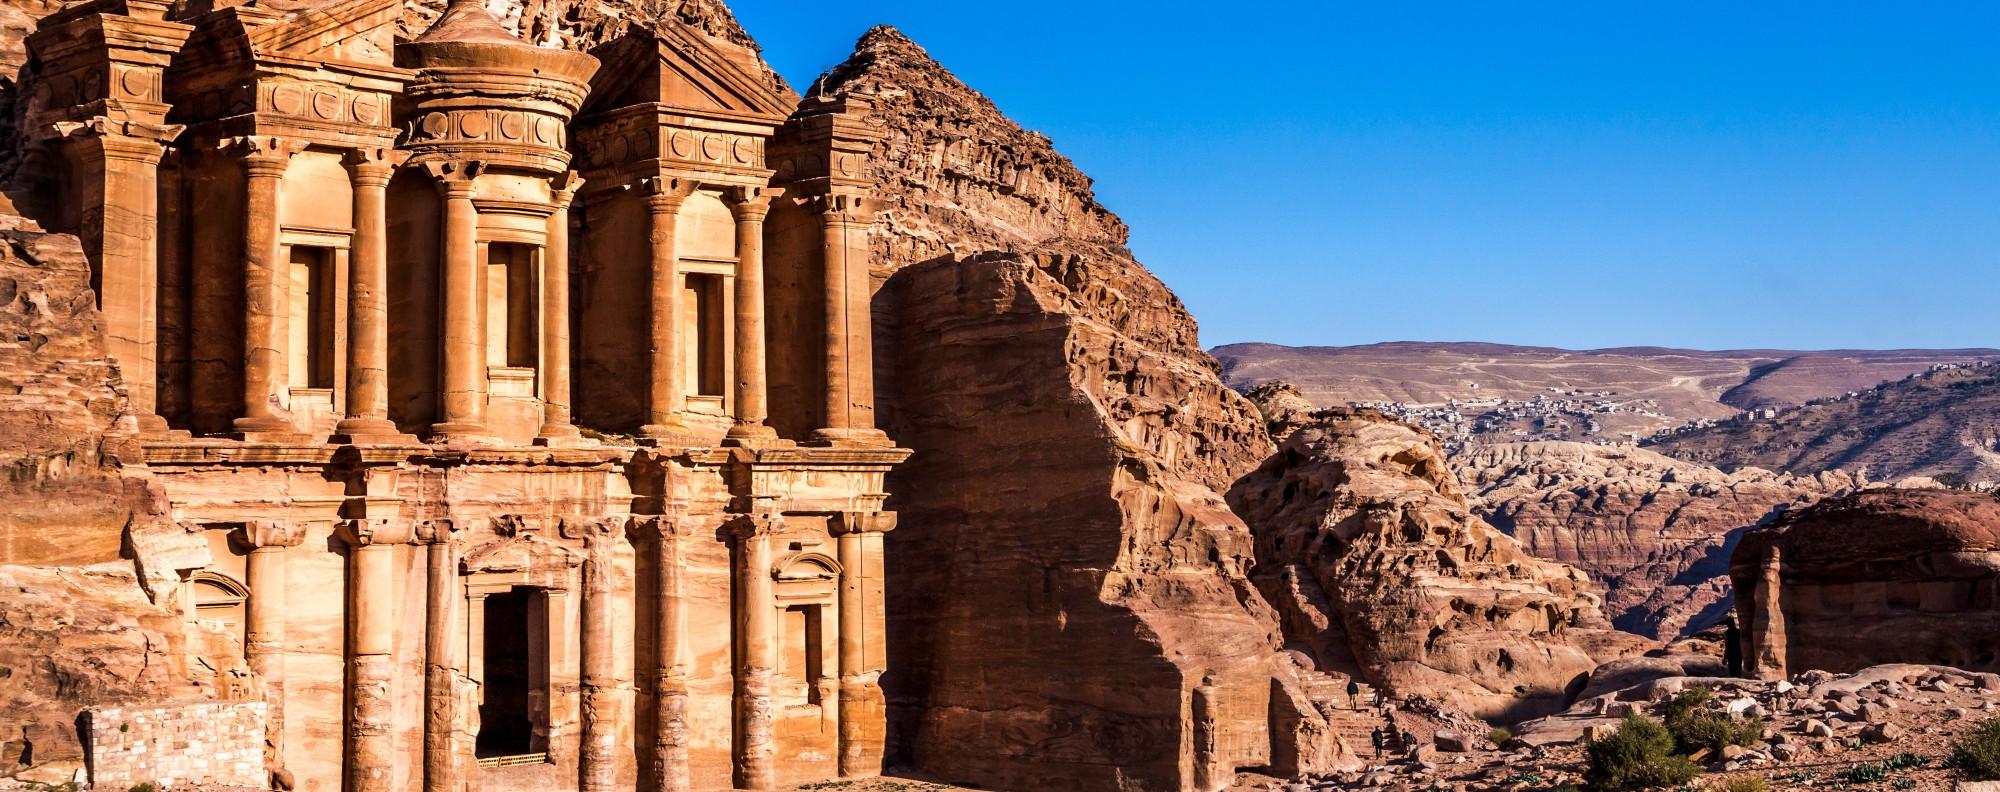 Afbeeldingsresultaat voor jordan petra